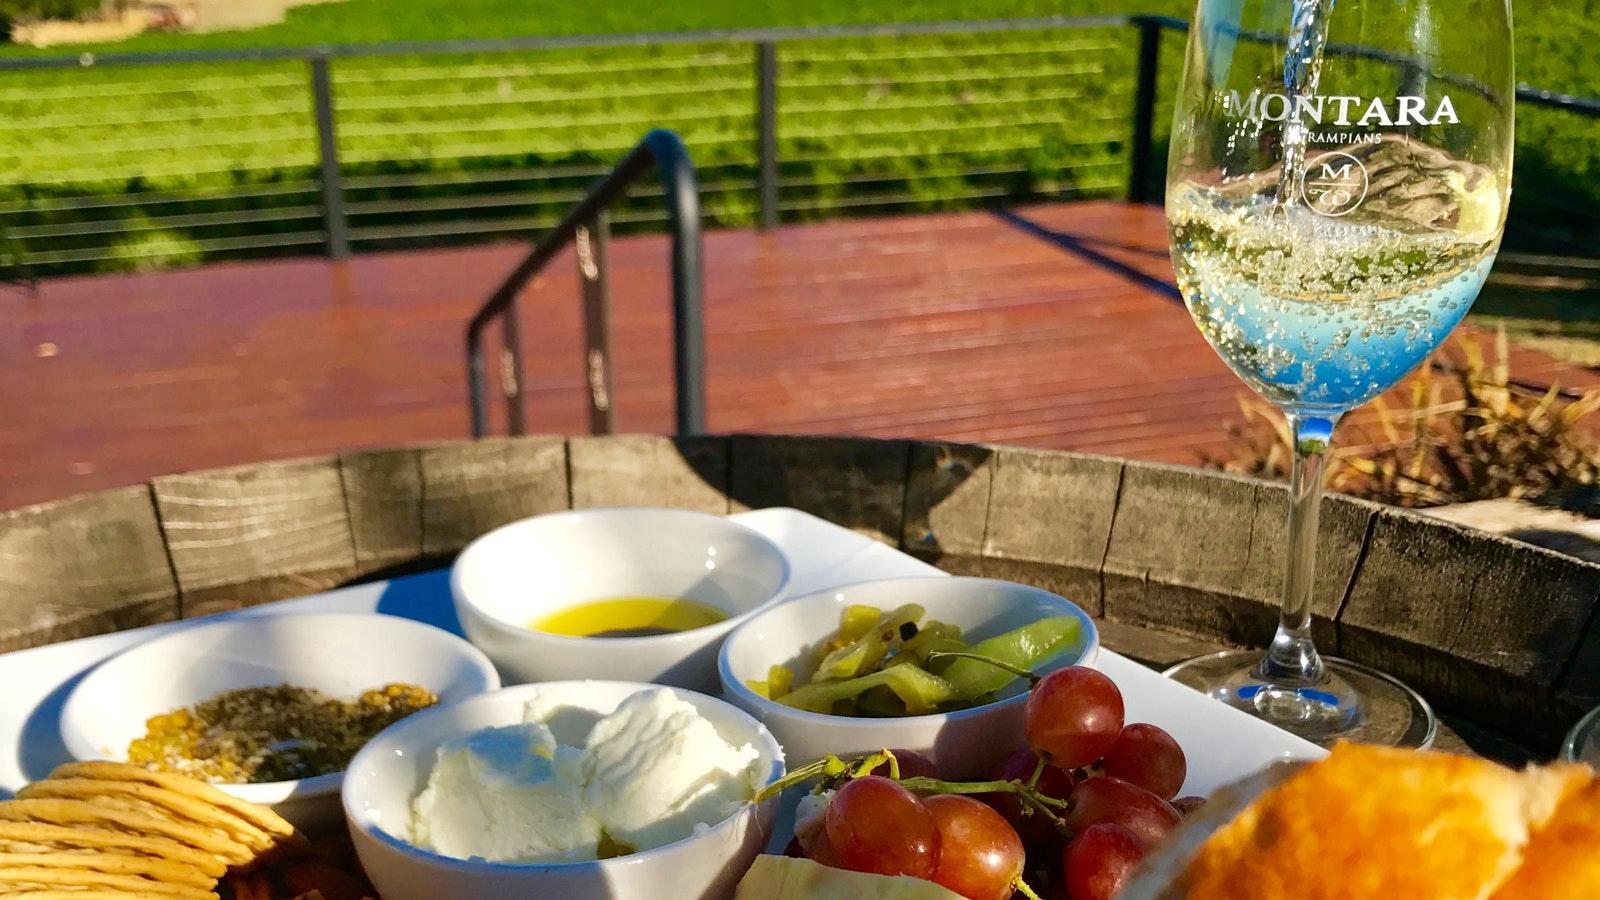 Montara Food & Wine